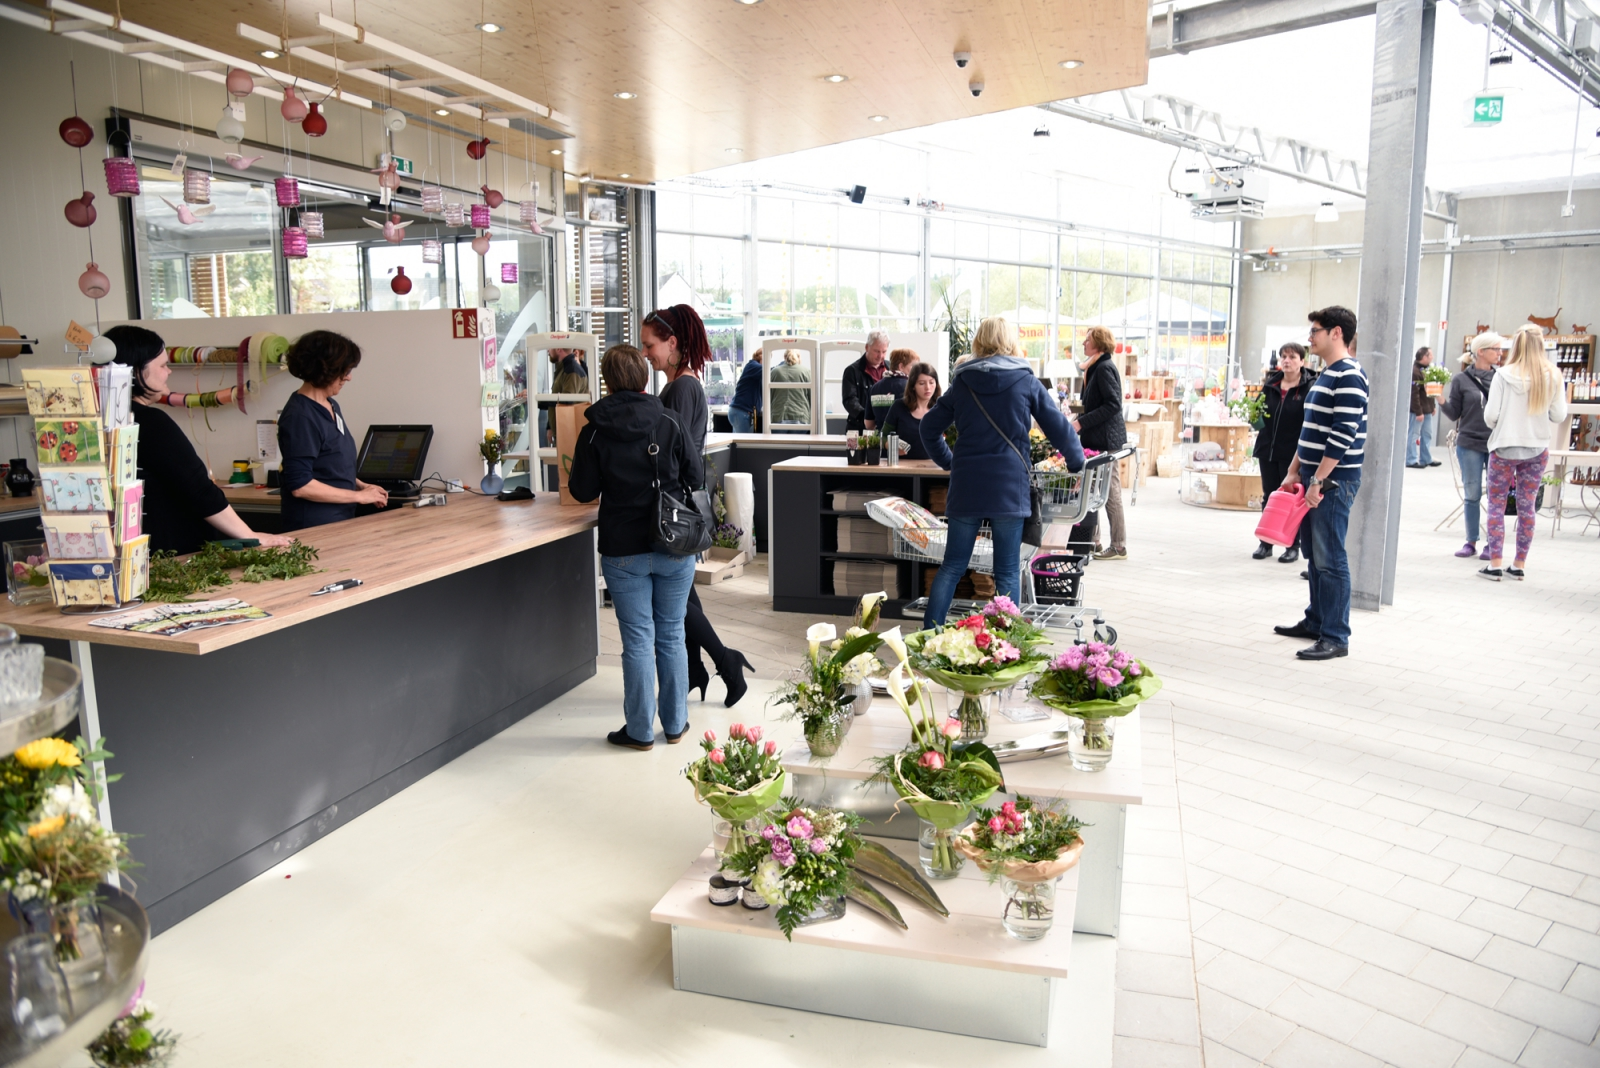 Gartenmöbel Darmstadt Schrank aus kunststoff Gartenmoebel